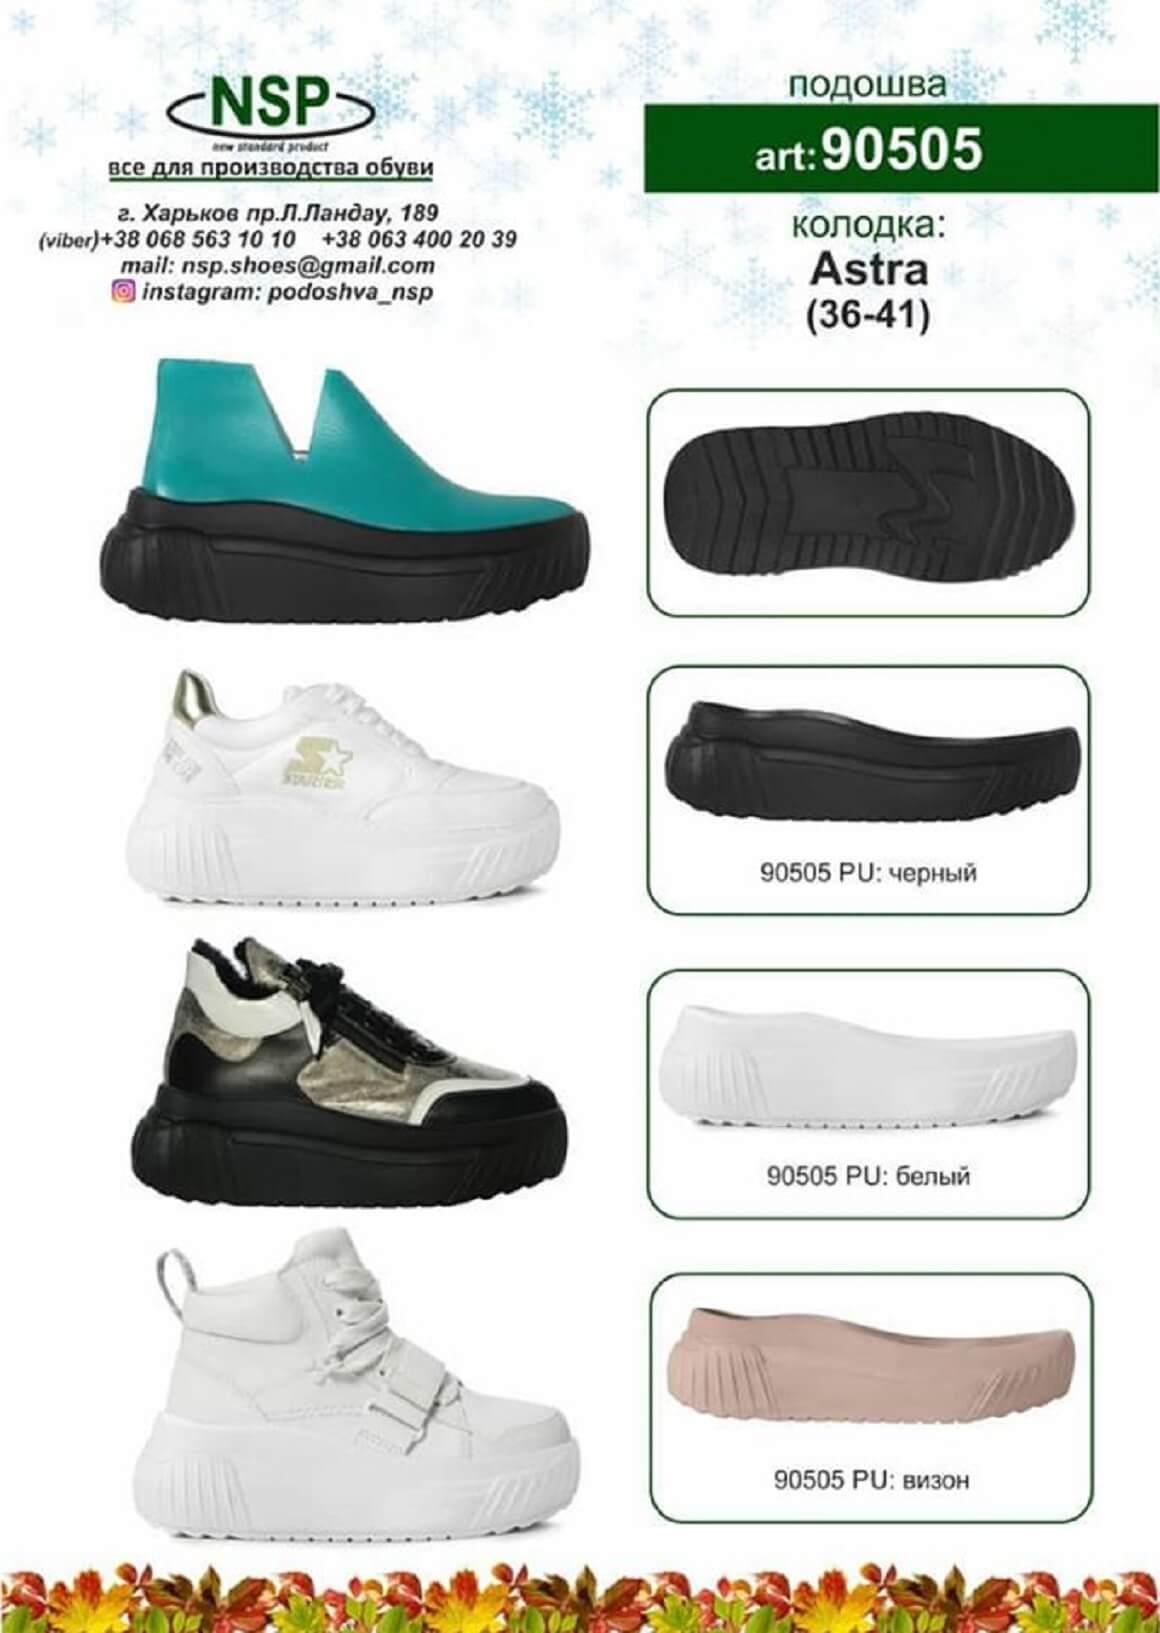 Женская подошва для кроссовок и ботинок на осень-зиму.